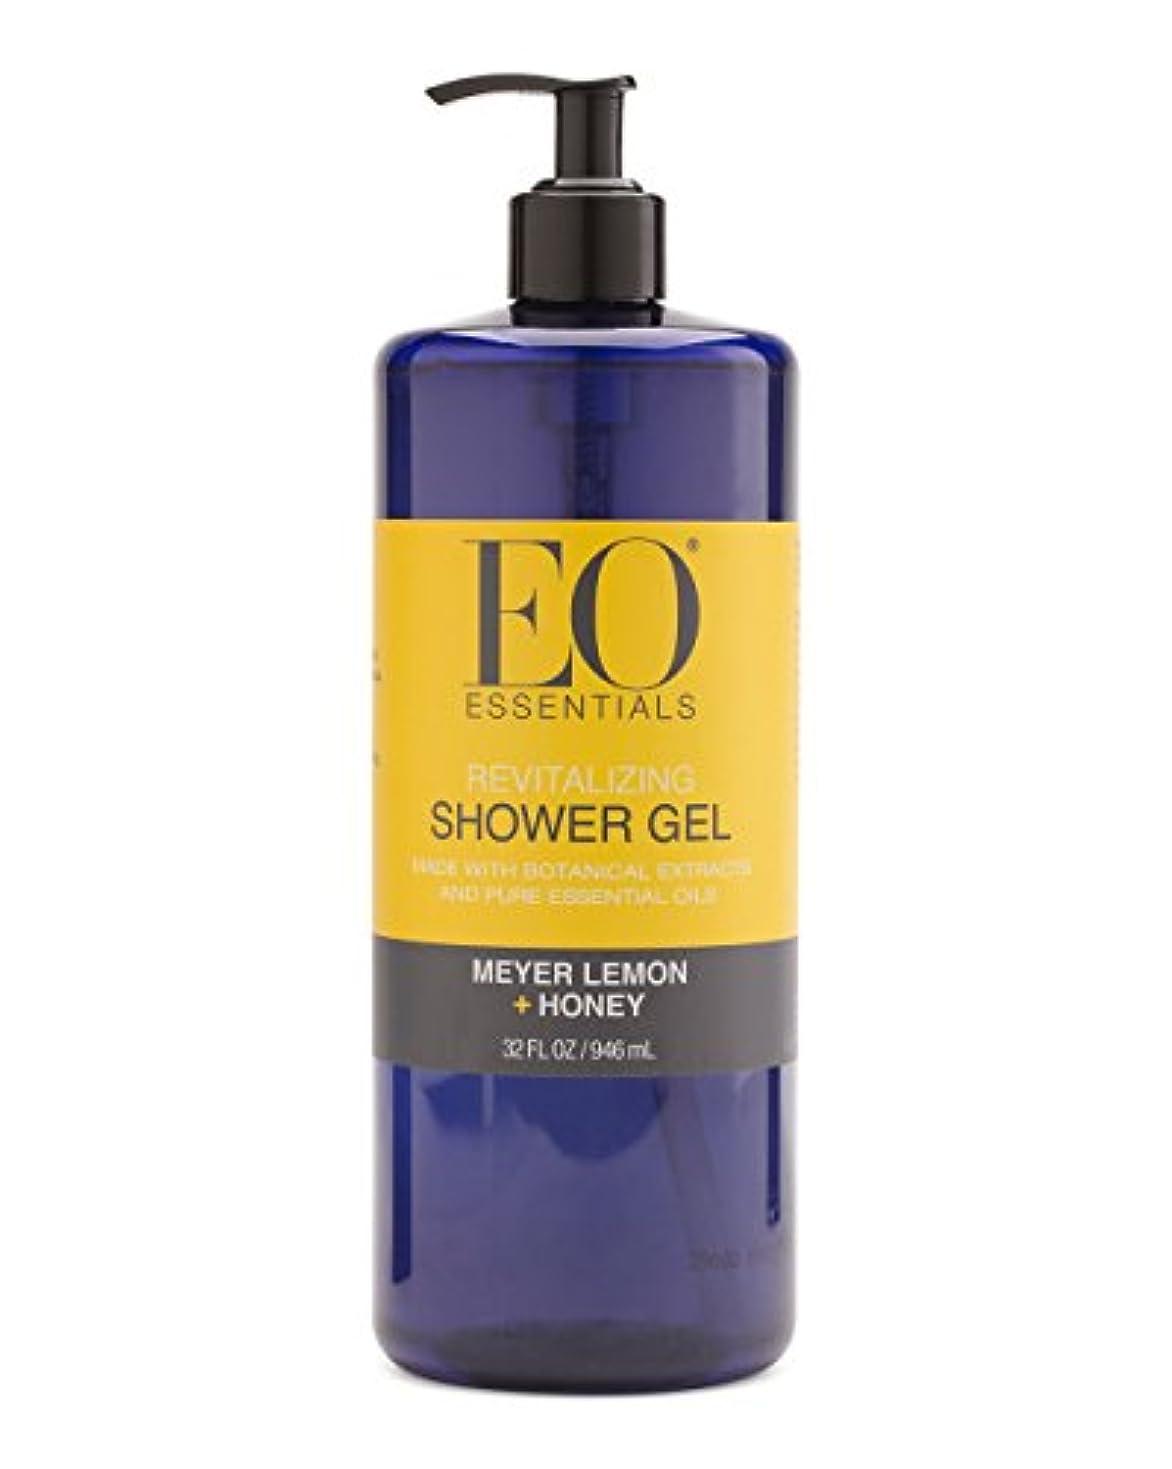 騒ぎ変なワイプMeyer Lemon + Honey Shower Gel (32 Oz) by EO Essentials [並行輸入品]